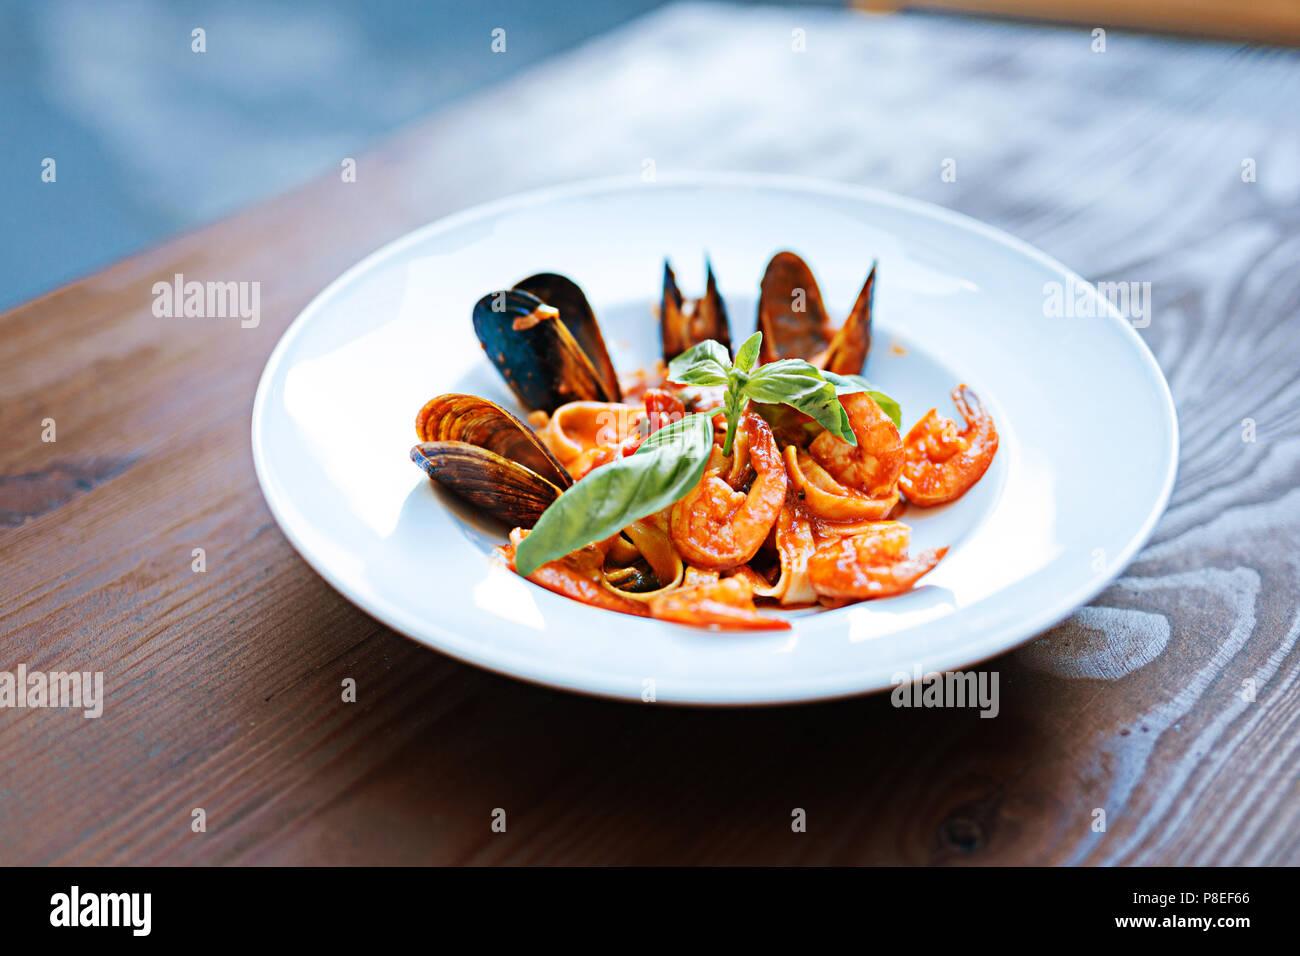 Close up di deliziosi piatti di pasta con alcuni piatti di pesce in salsa di pomodoro Immagini Stock